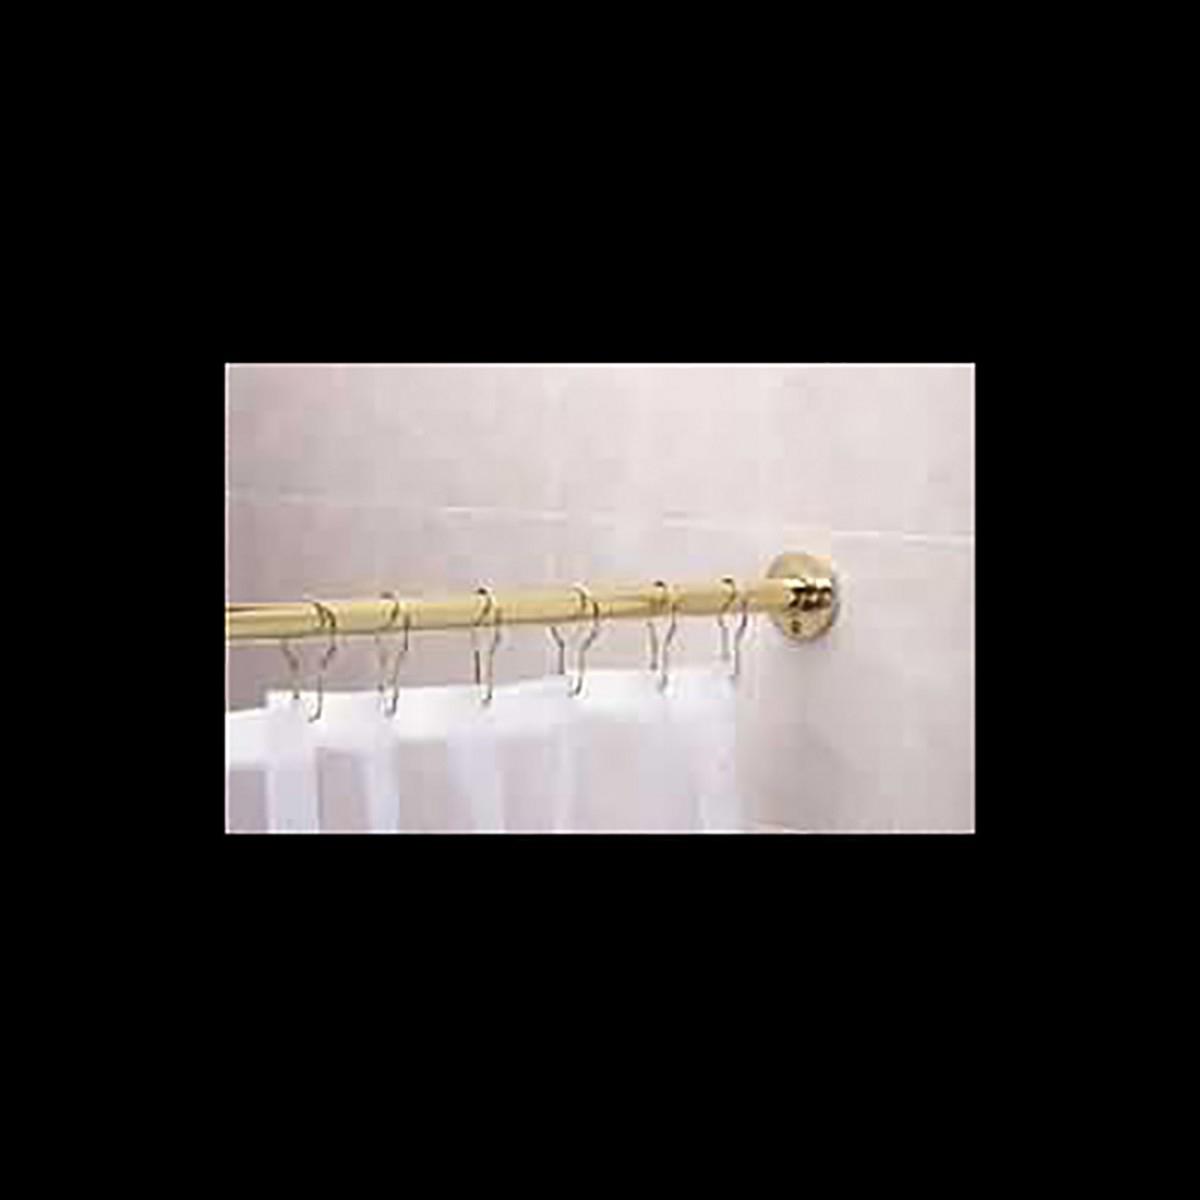 Brass Shower Curtain Rod 5 Feet Long Shower Rod Shower Curtain Rod Shower Curtain Rods